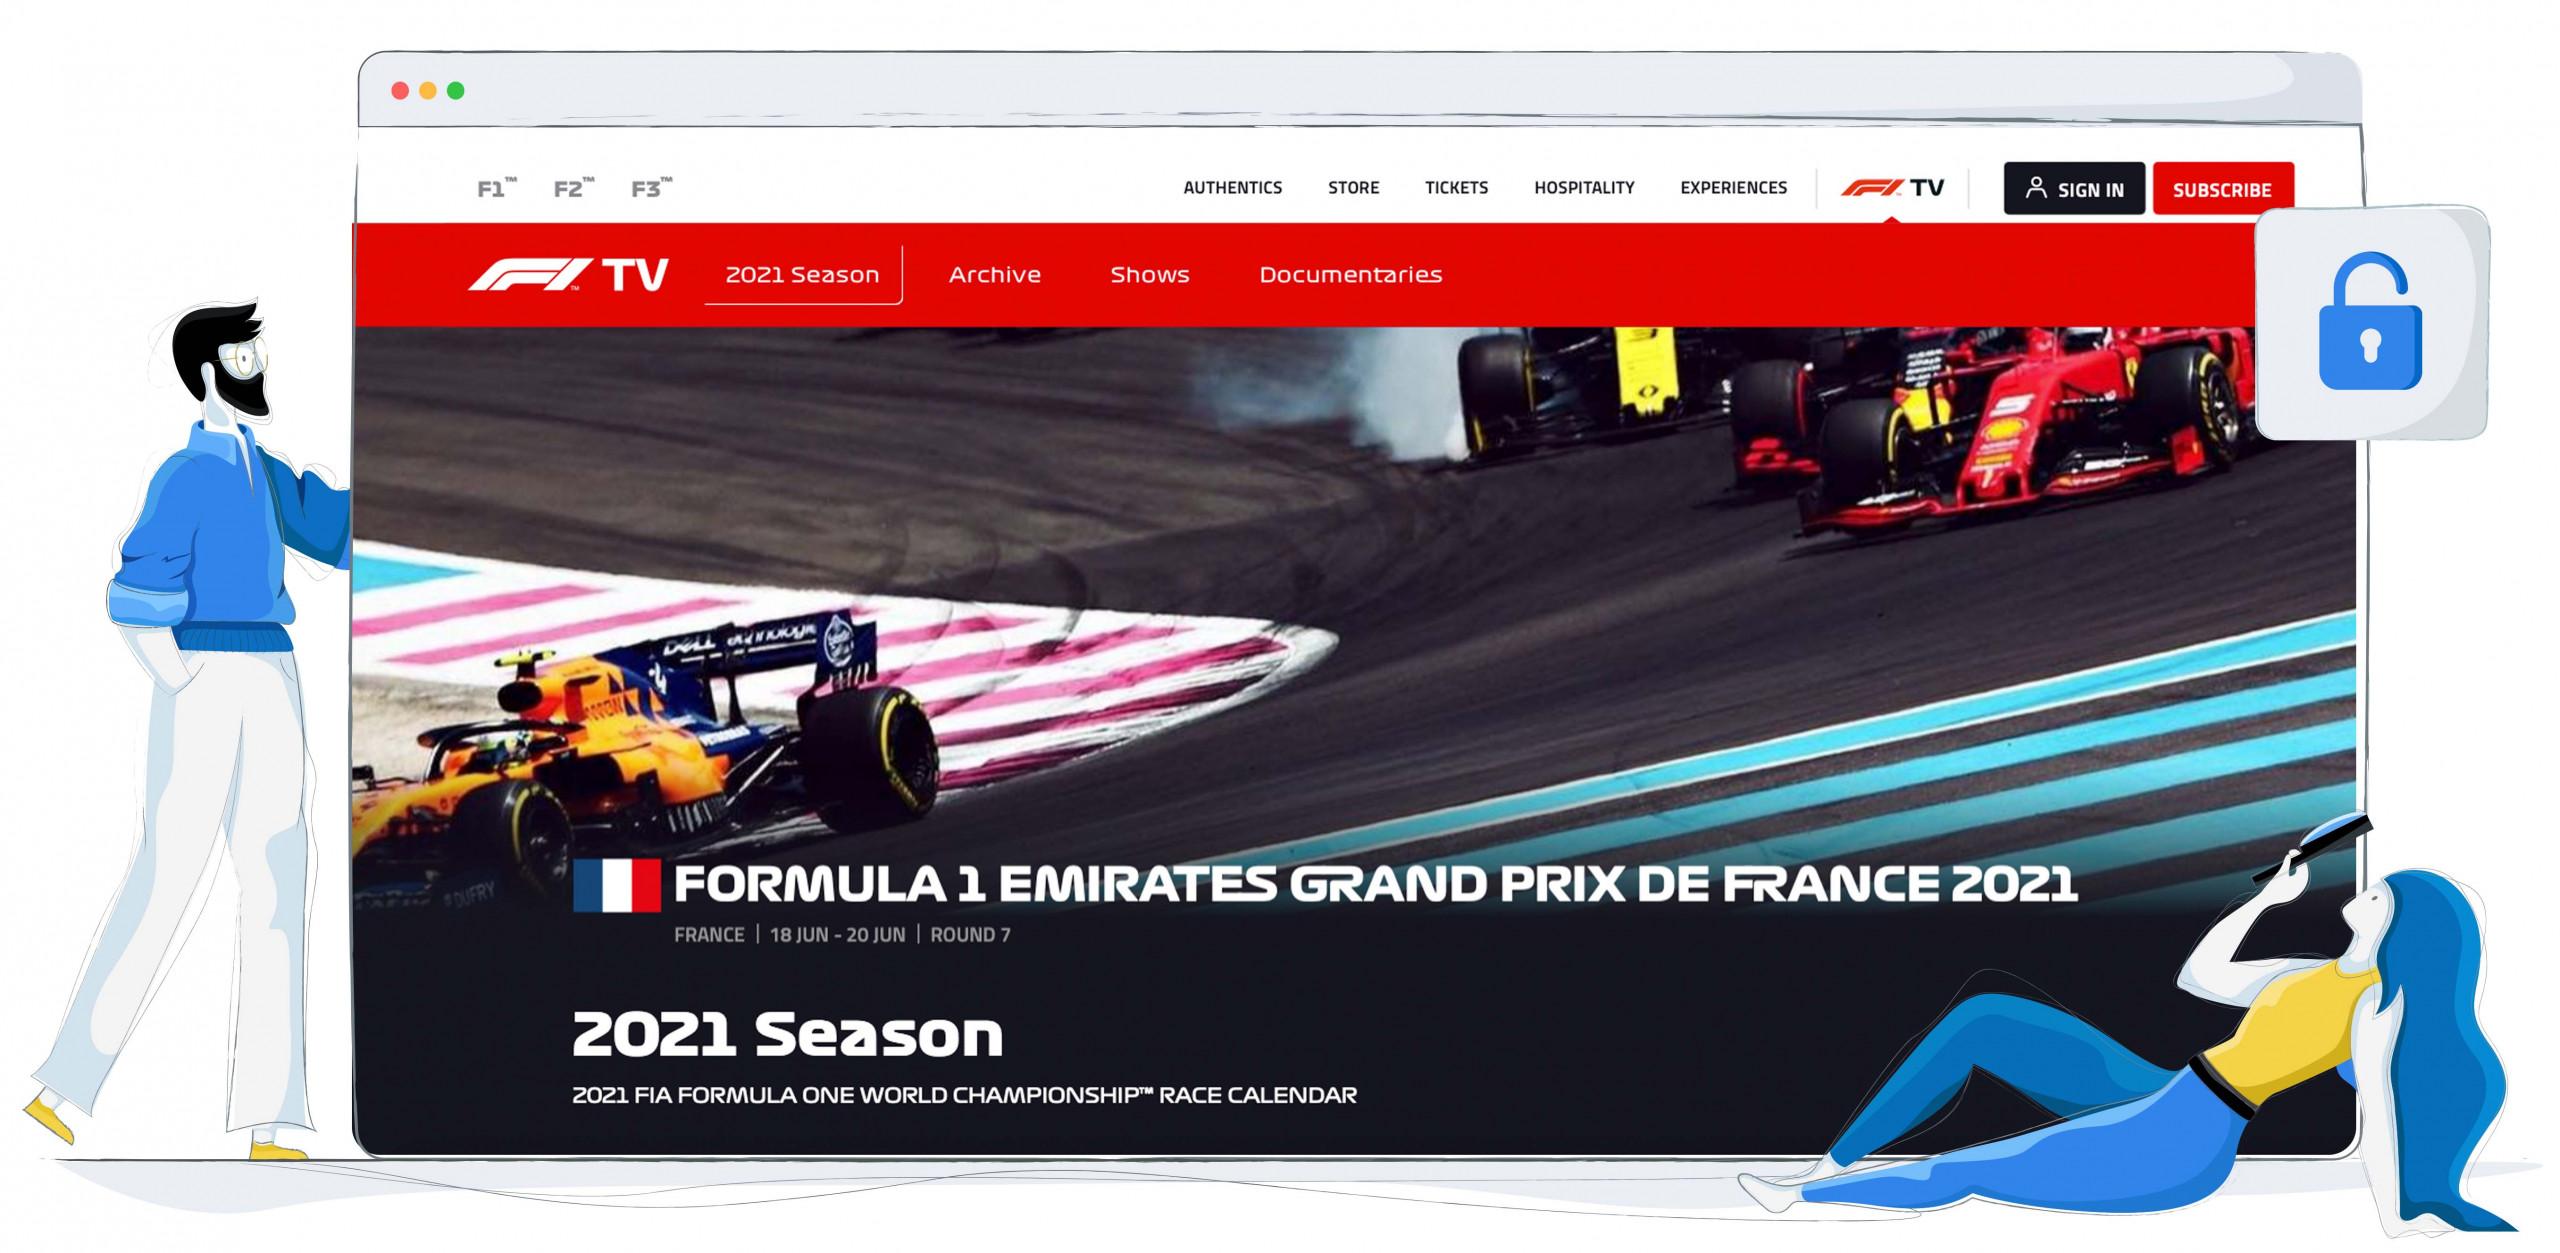 Je kunt betalen voor F1 TV om Formula 1 te kijken